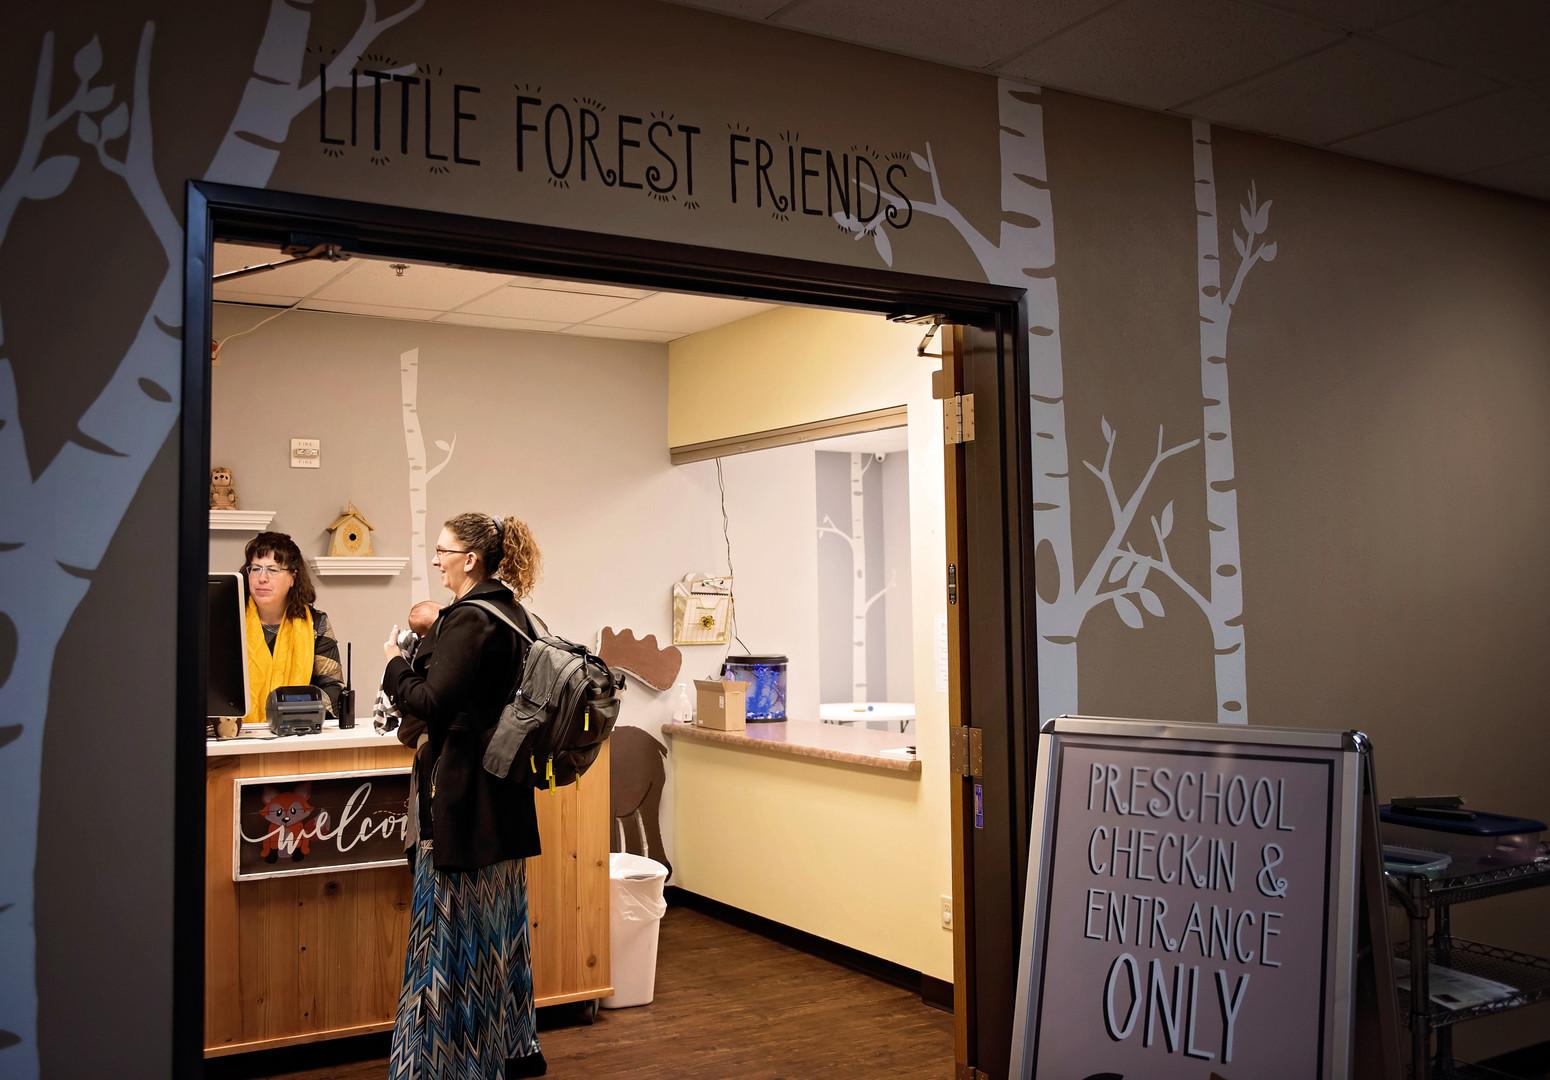 Little Forest Friends Preschool Entrance